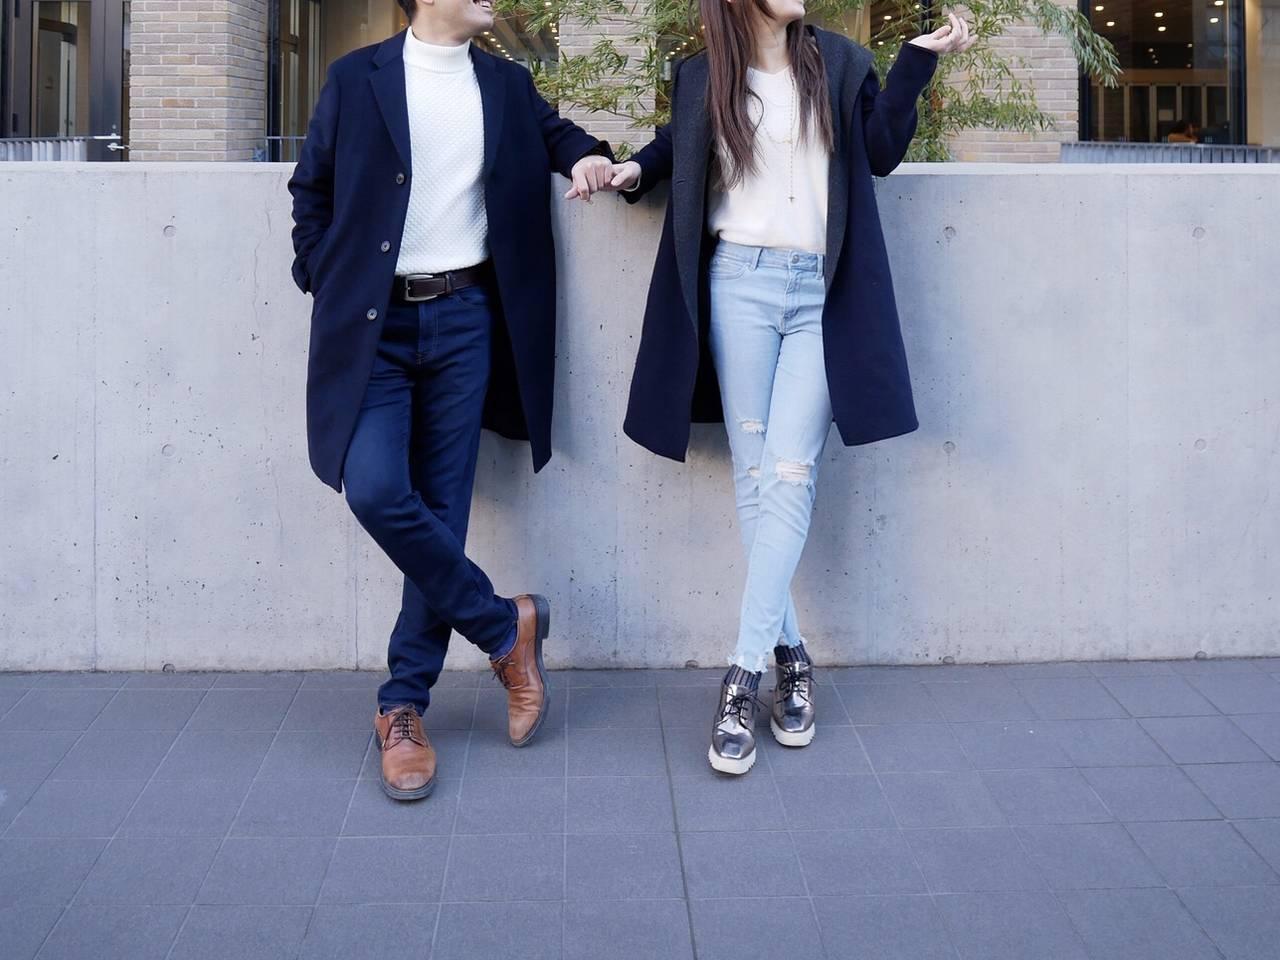 【文末抽獎】「我的丹寧,我的精采生活」UNIQLO牛仔褲情侶冬季初春穿搭Look book!